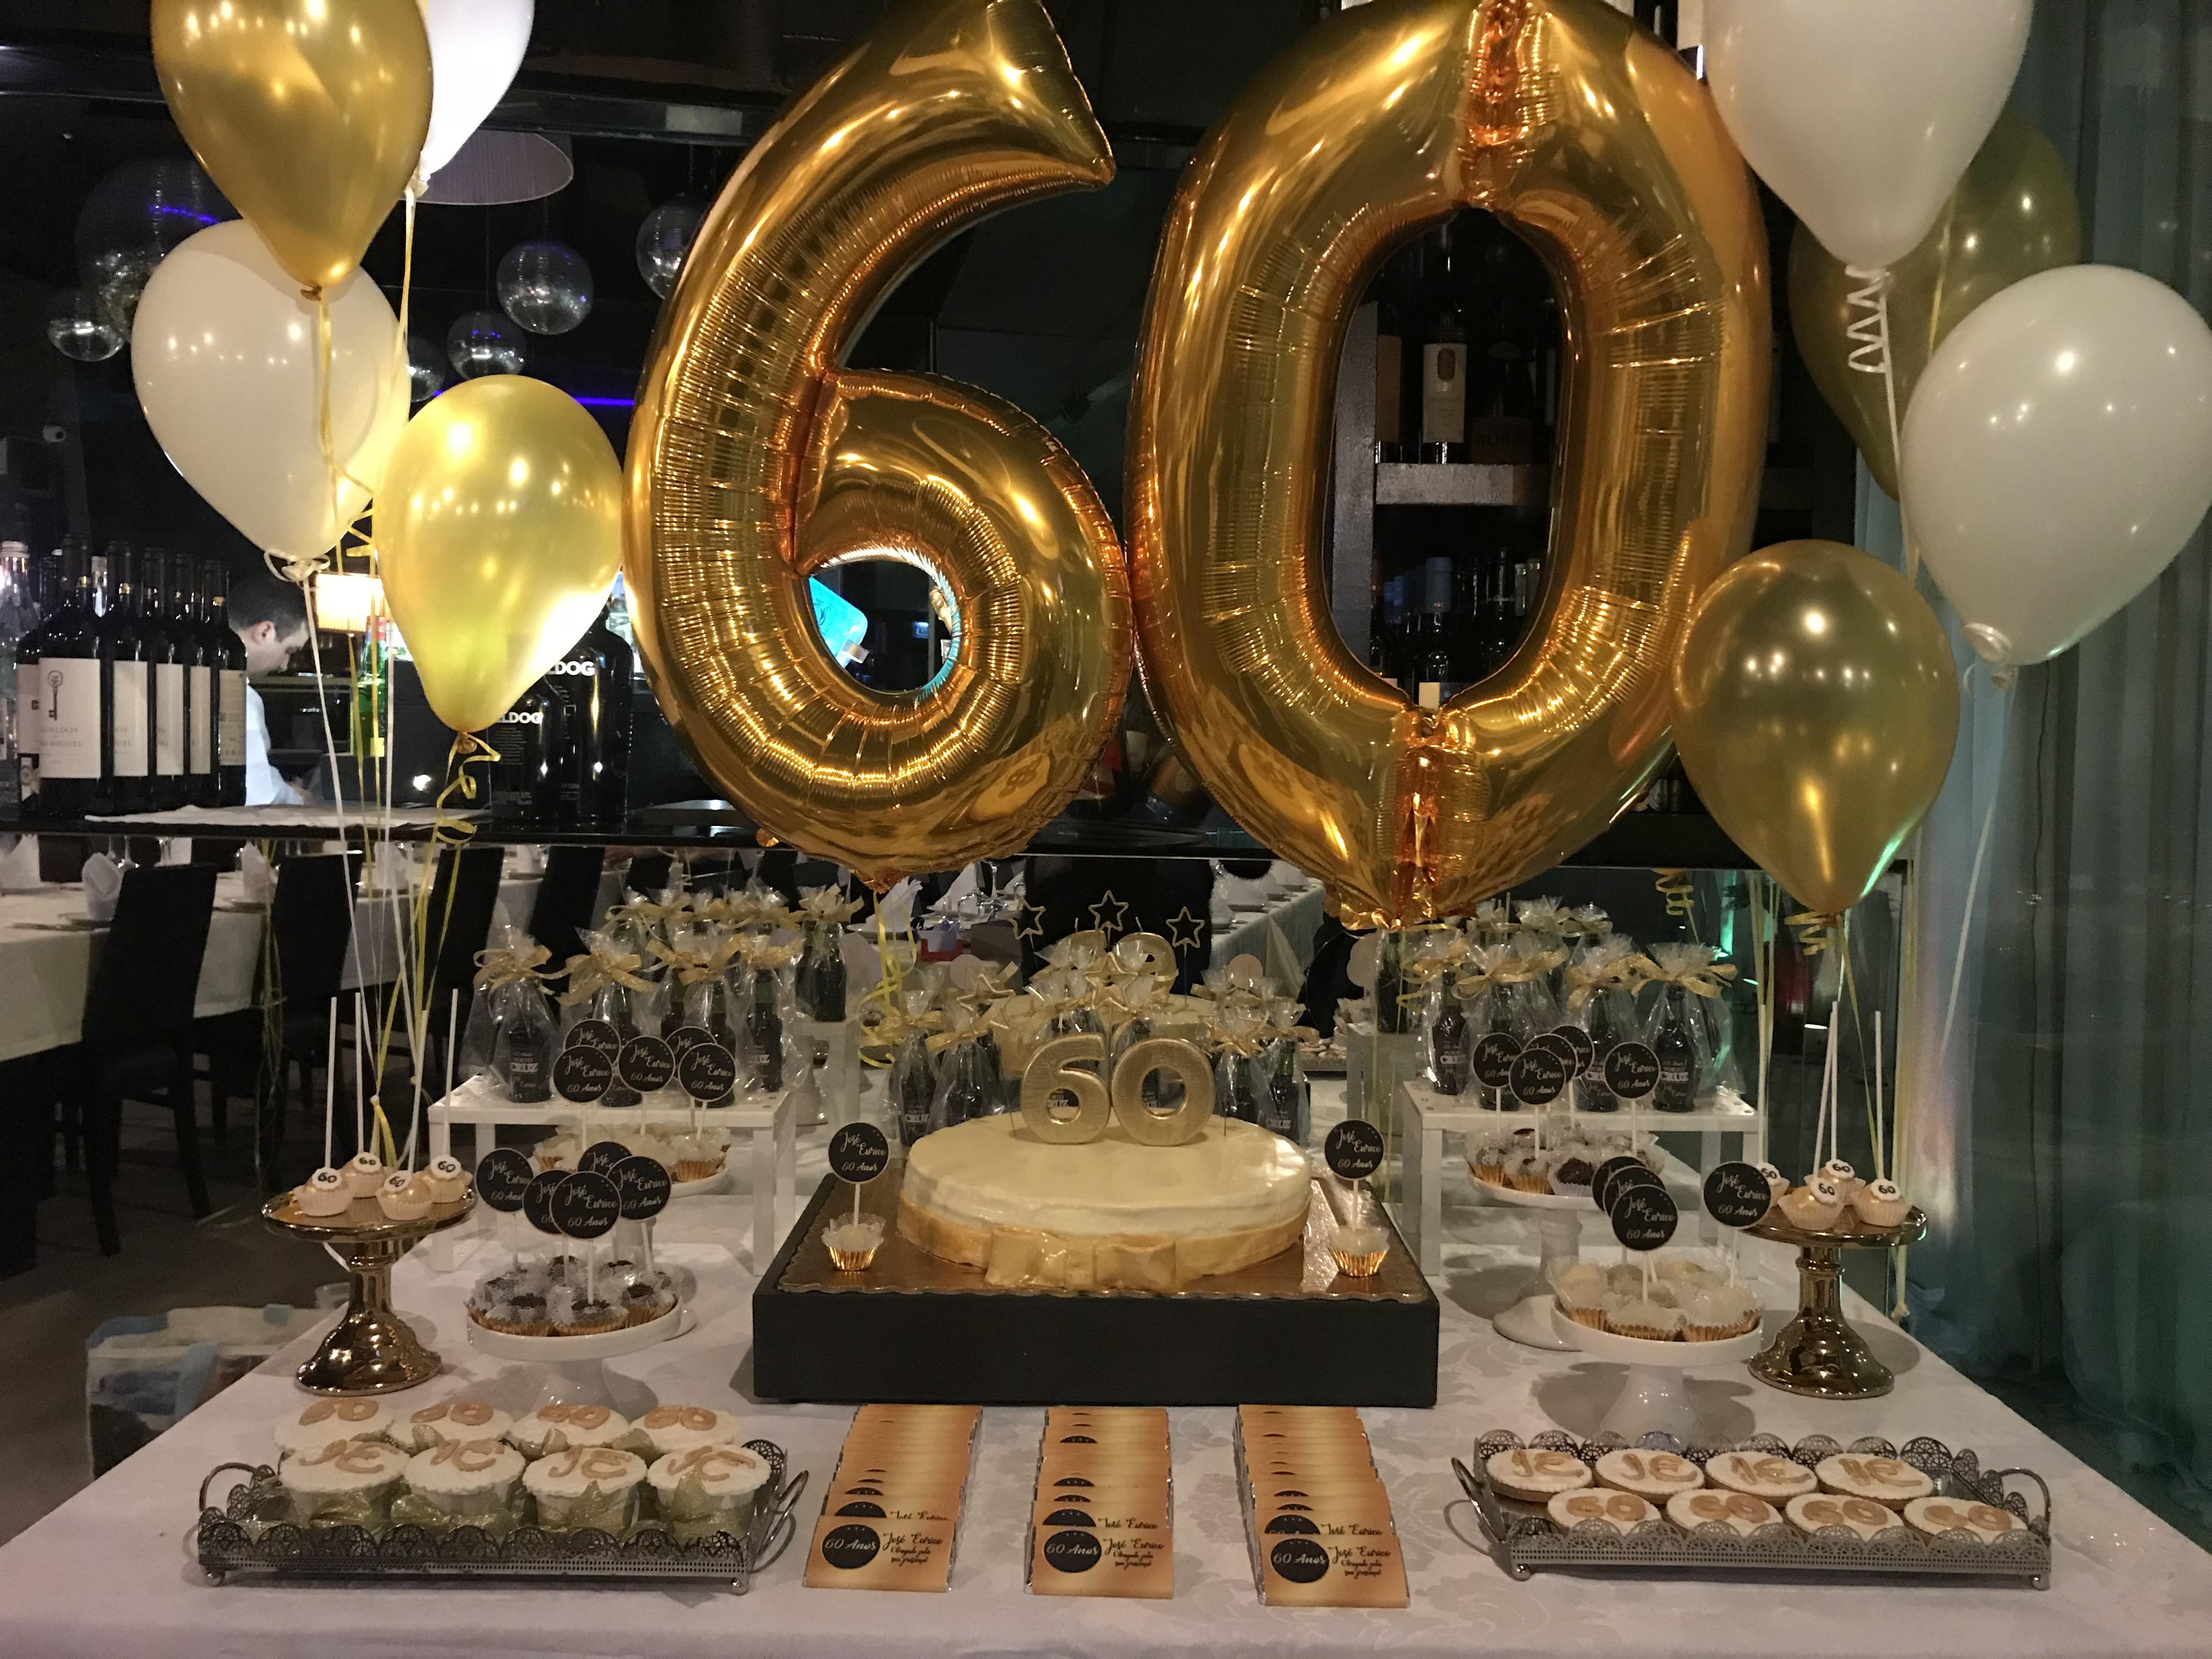 Festas Aniversário com balões,Braga e Guimar u00e3es,decoraç u00e3o u2013 Planet Party -> Decoração Com Balões Para Aniversário